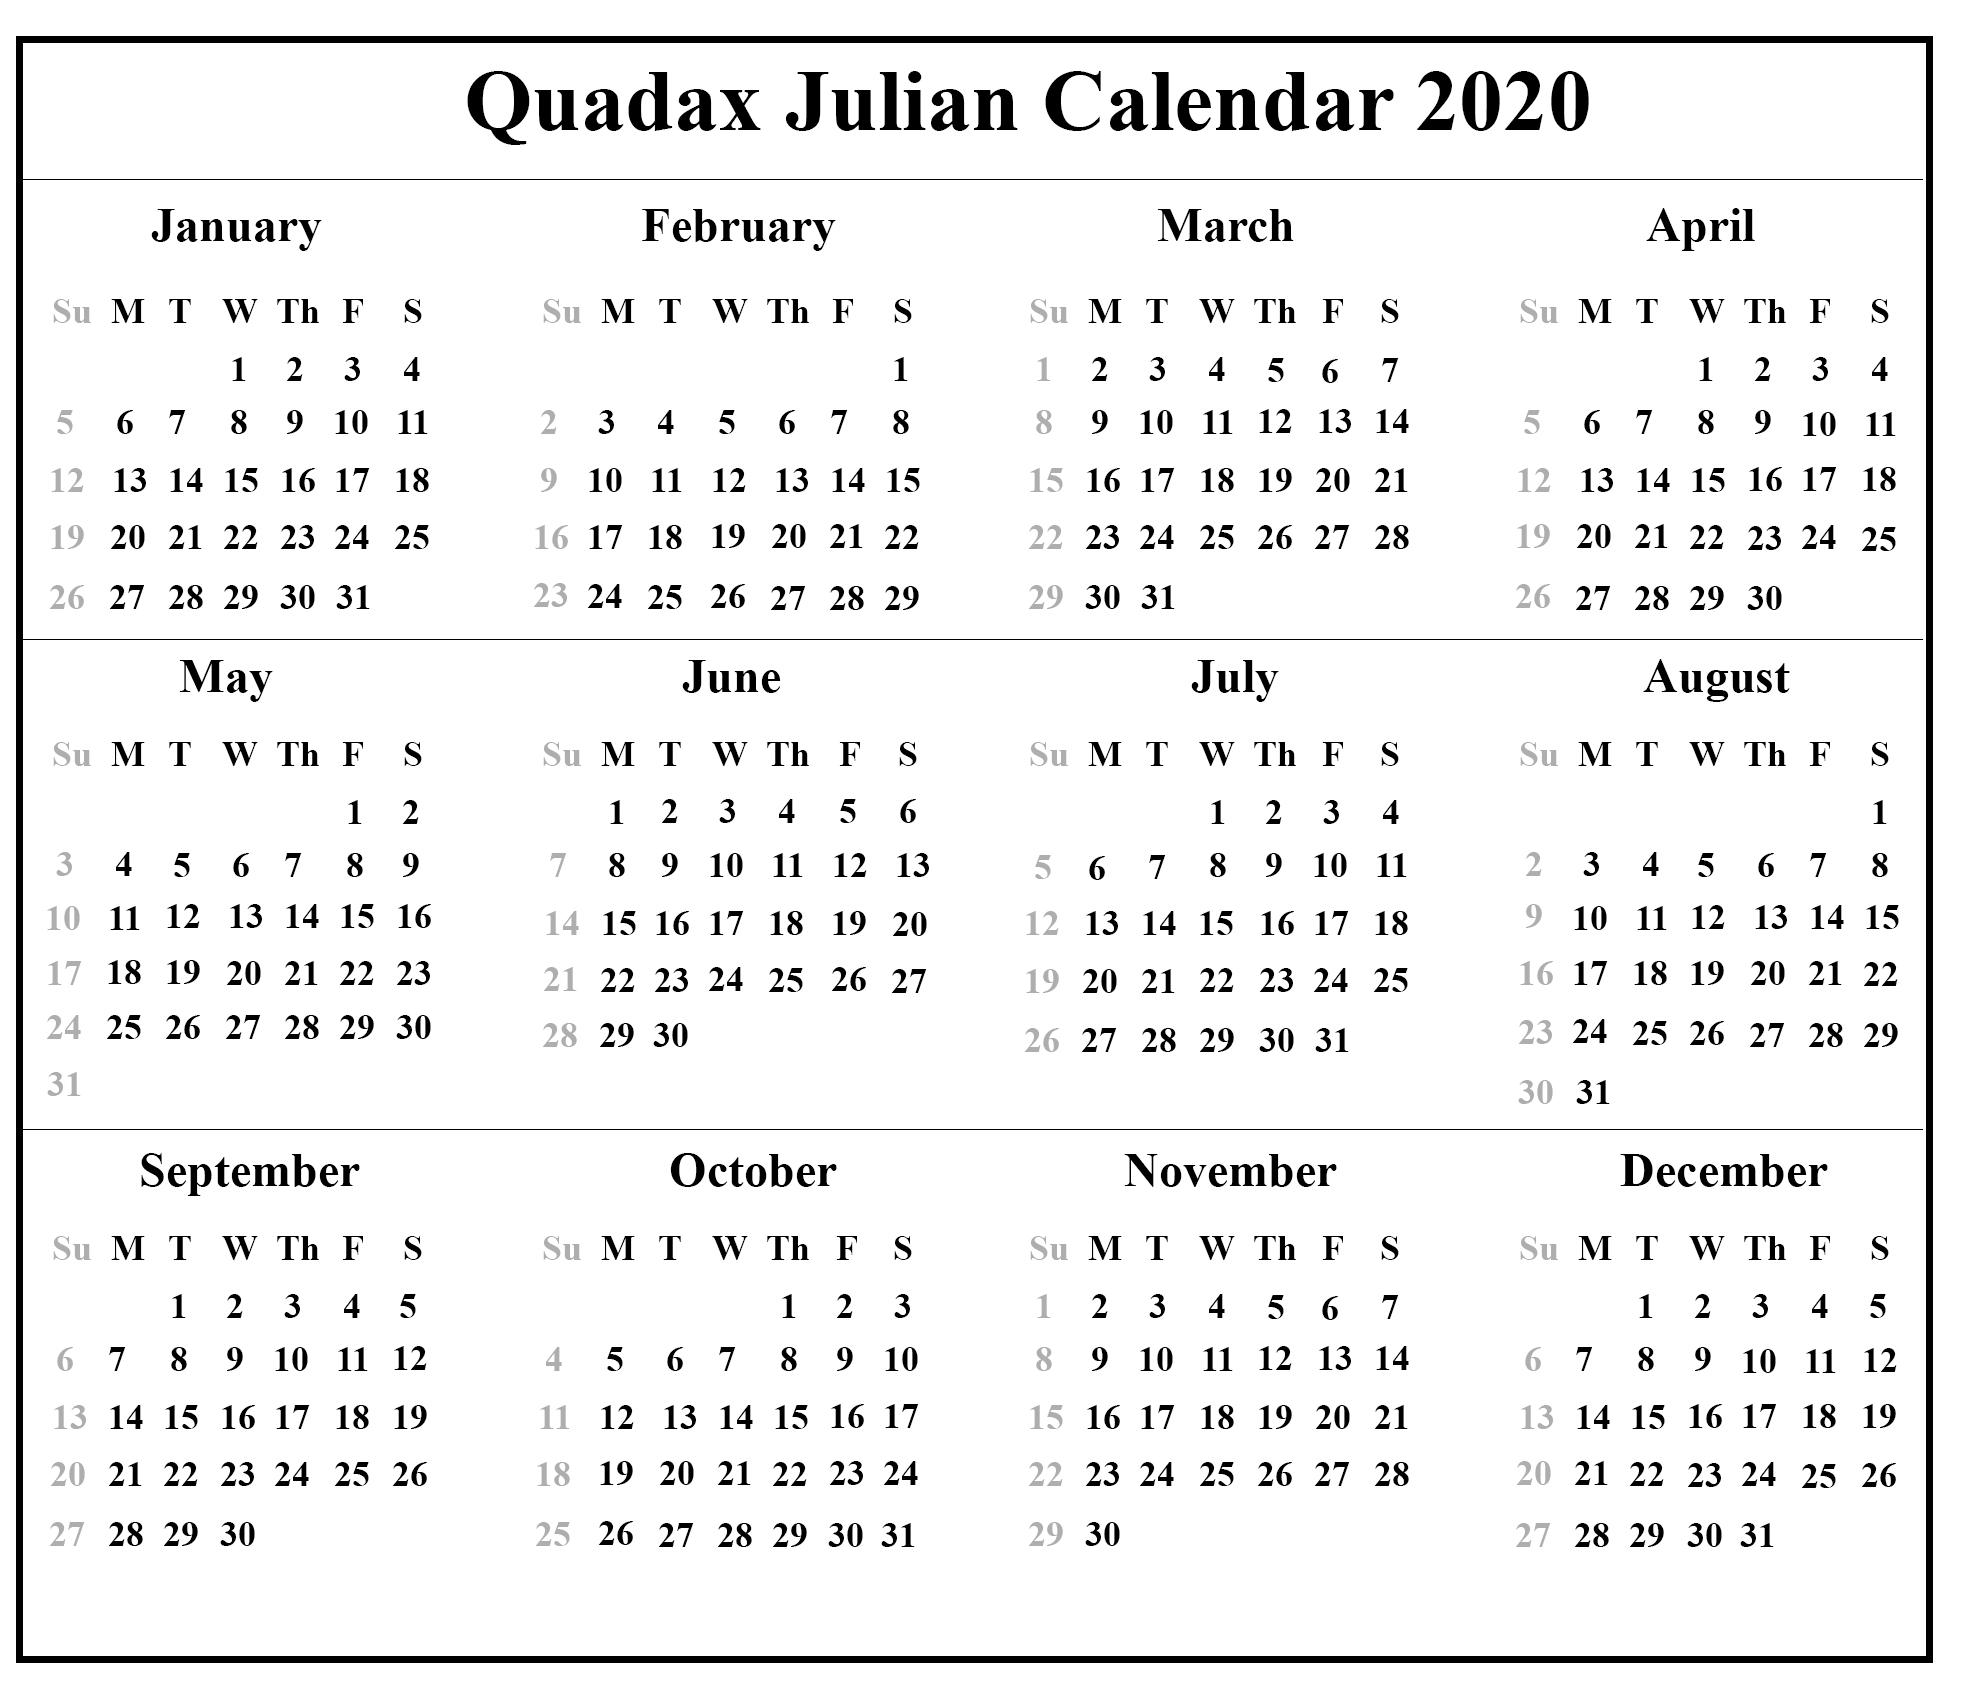 Quadax 2020 Julian Calendar   Calendar For Planning